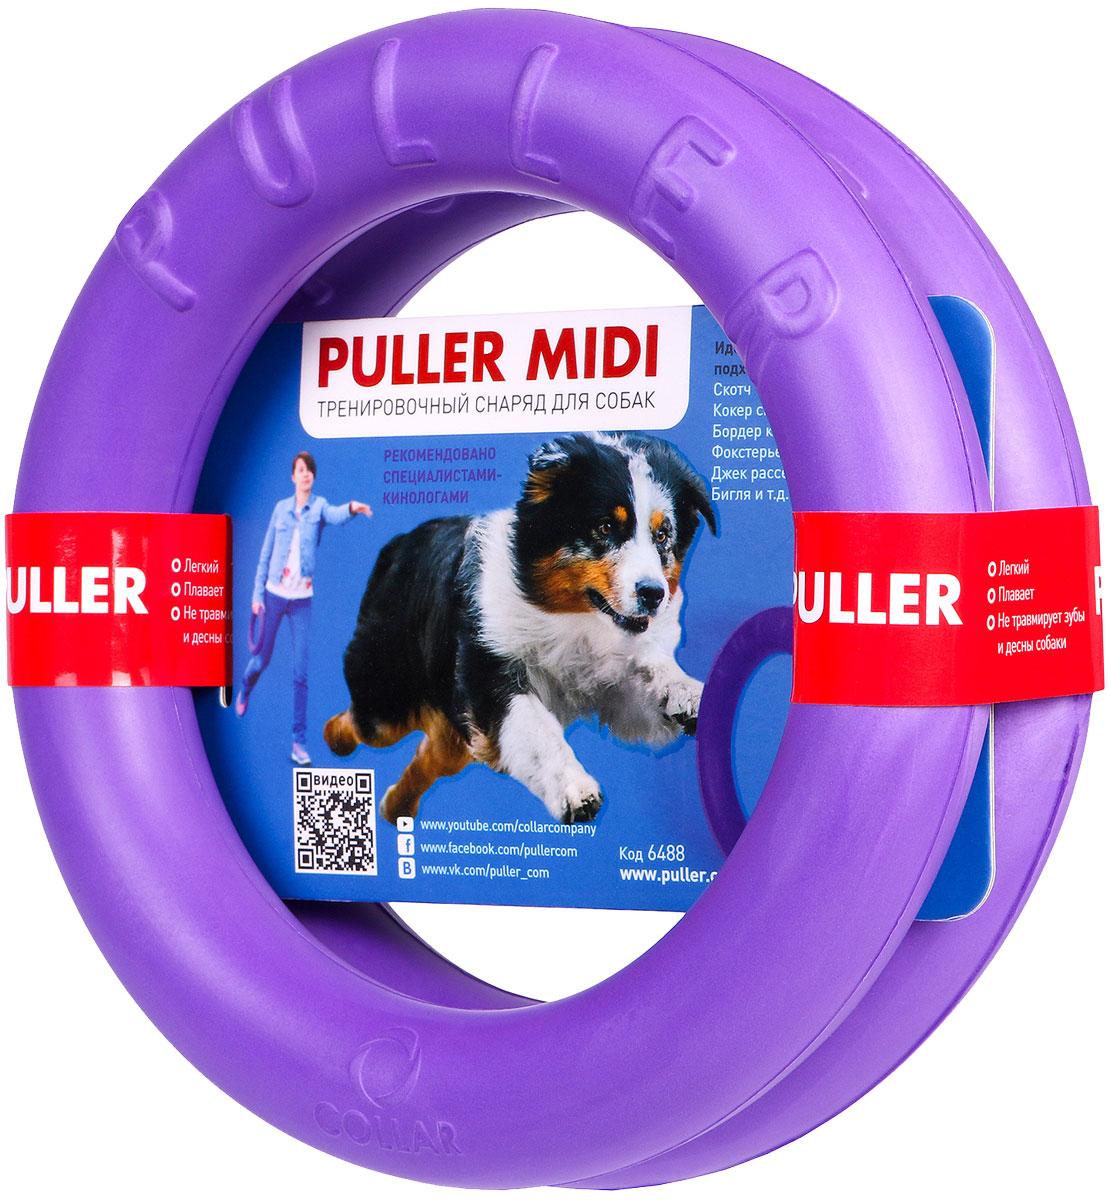 Puller Midi – Пуллер Миди игрушка для тренировки собак (2 кольца) (1 шт)